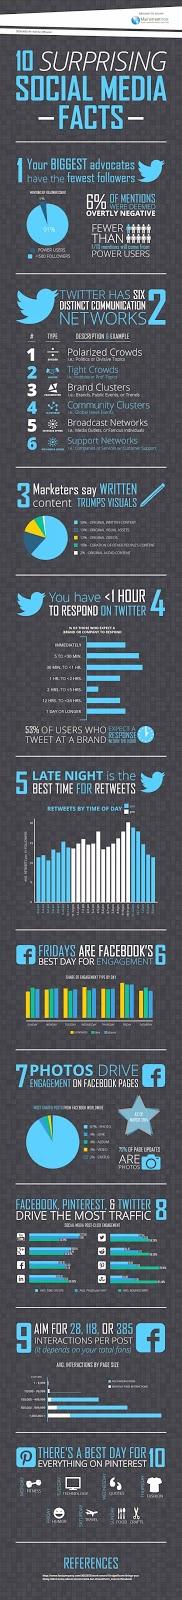 10 hechos sorprendentes de Social Media que tal vez desconoces